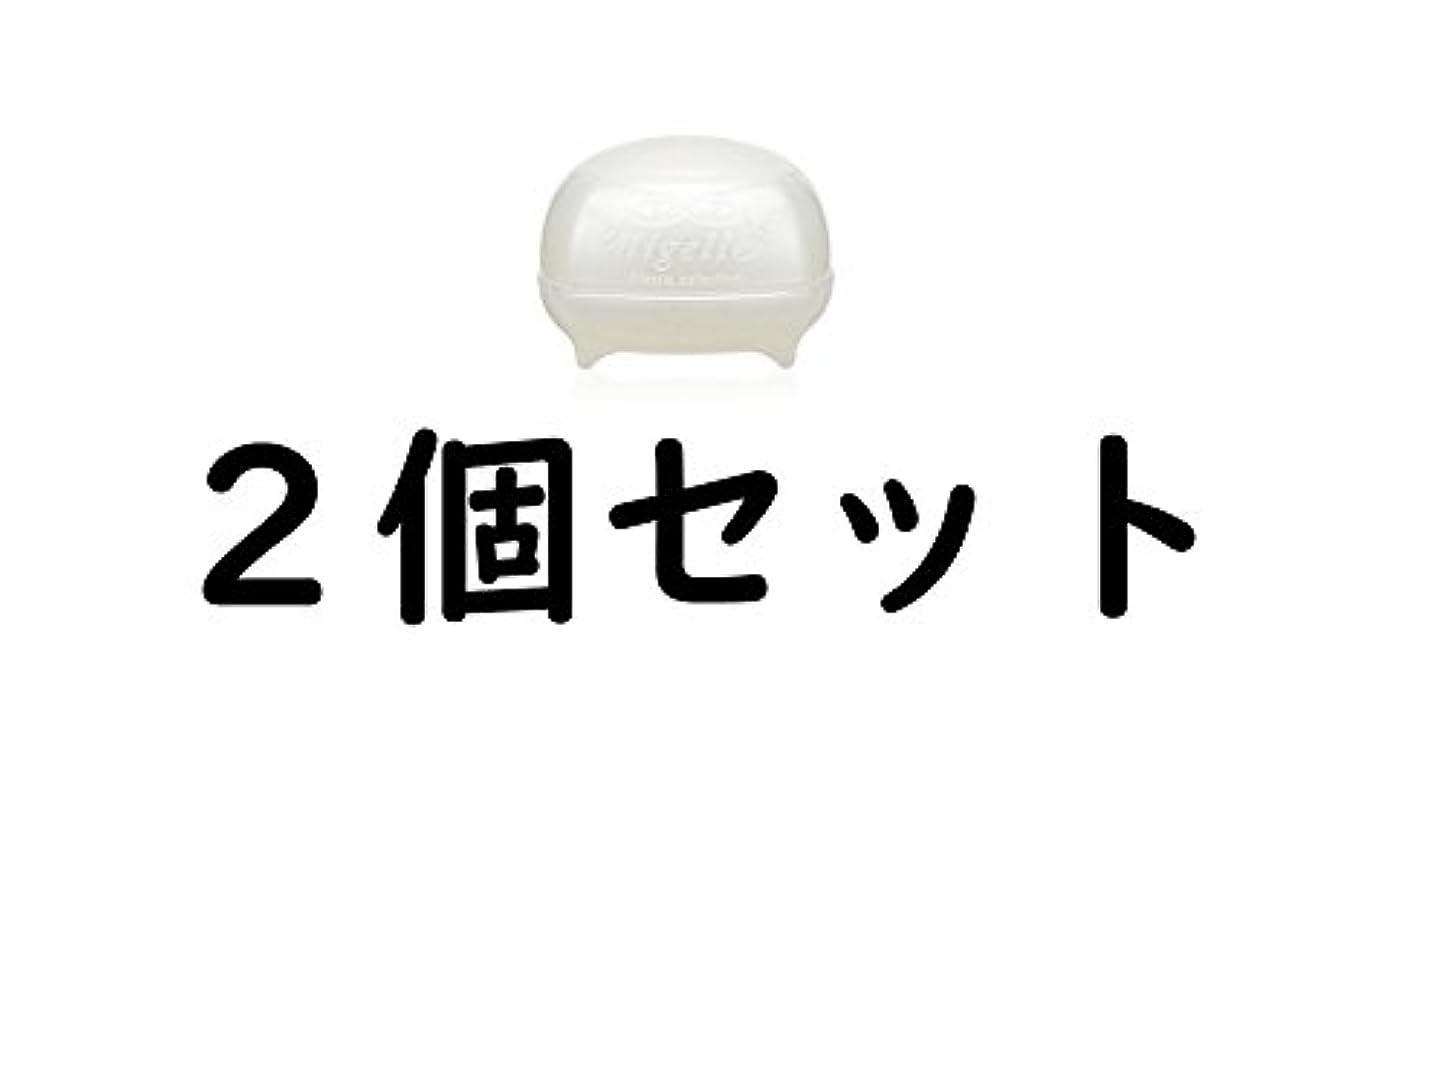 醸造所あいまいさ滅びる【X2個セット】 ミルボン ニゼル トレイスワックス 80g (ニゼルドレシアコレクション) TRACE WAX MILBON